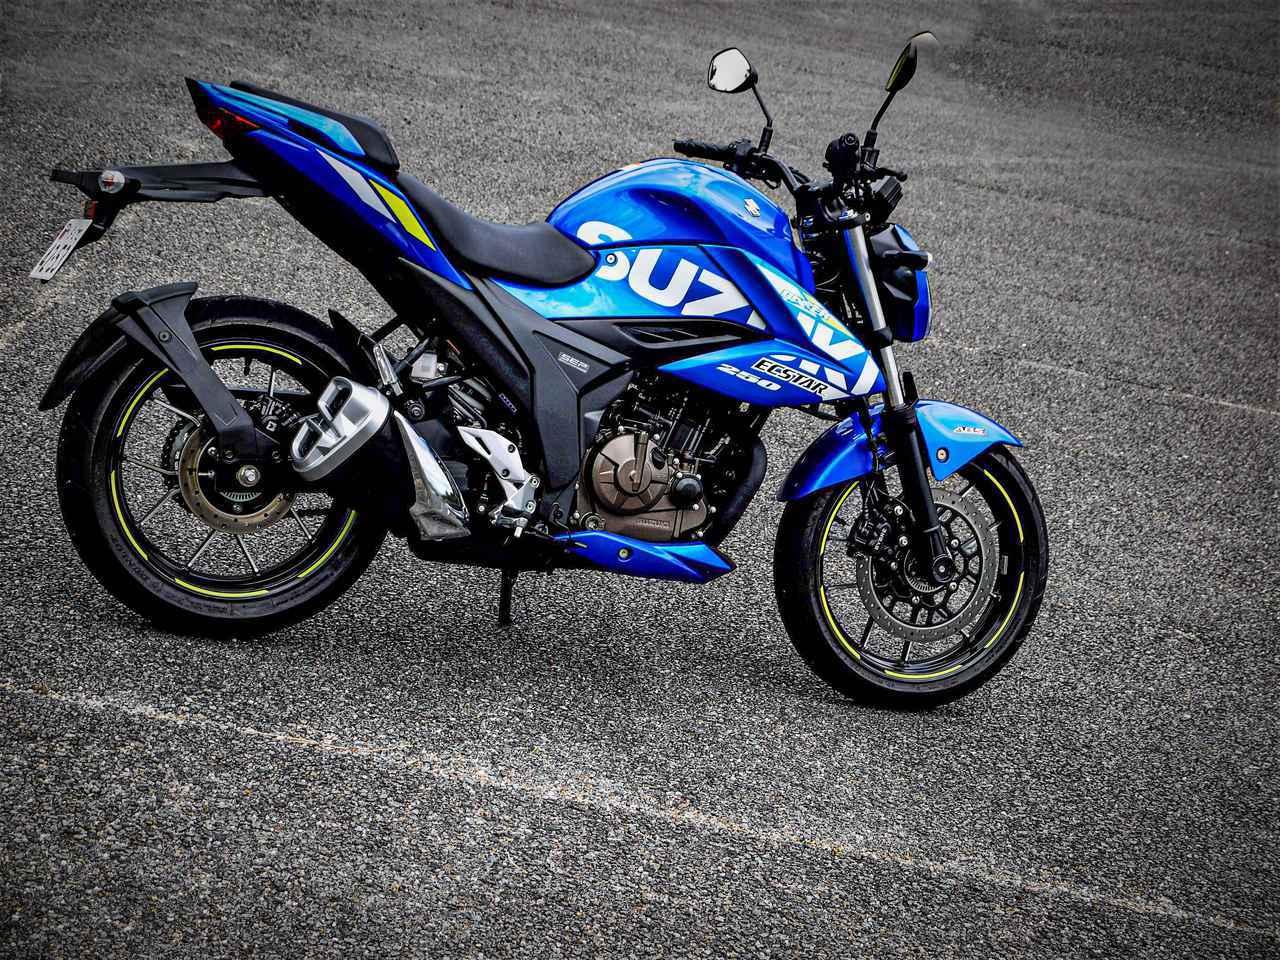 画像: 燃費王『ジクサー150』があれば十分じゃない!? 250ccの『ジクサー250』って、どんなバイクなんだ? - スズキのバイク!